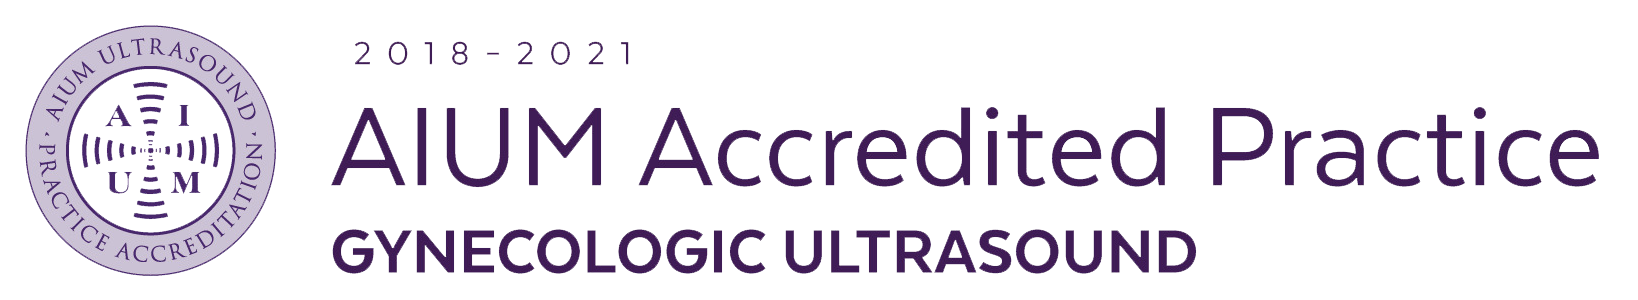 Aium Accredited Practice